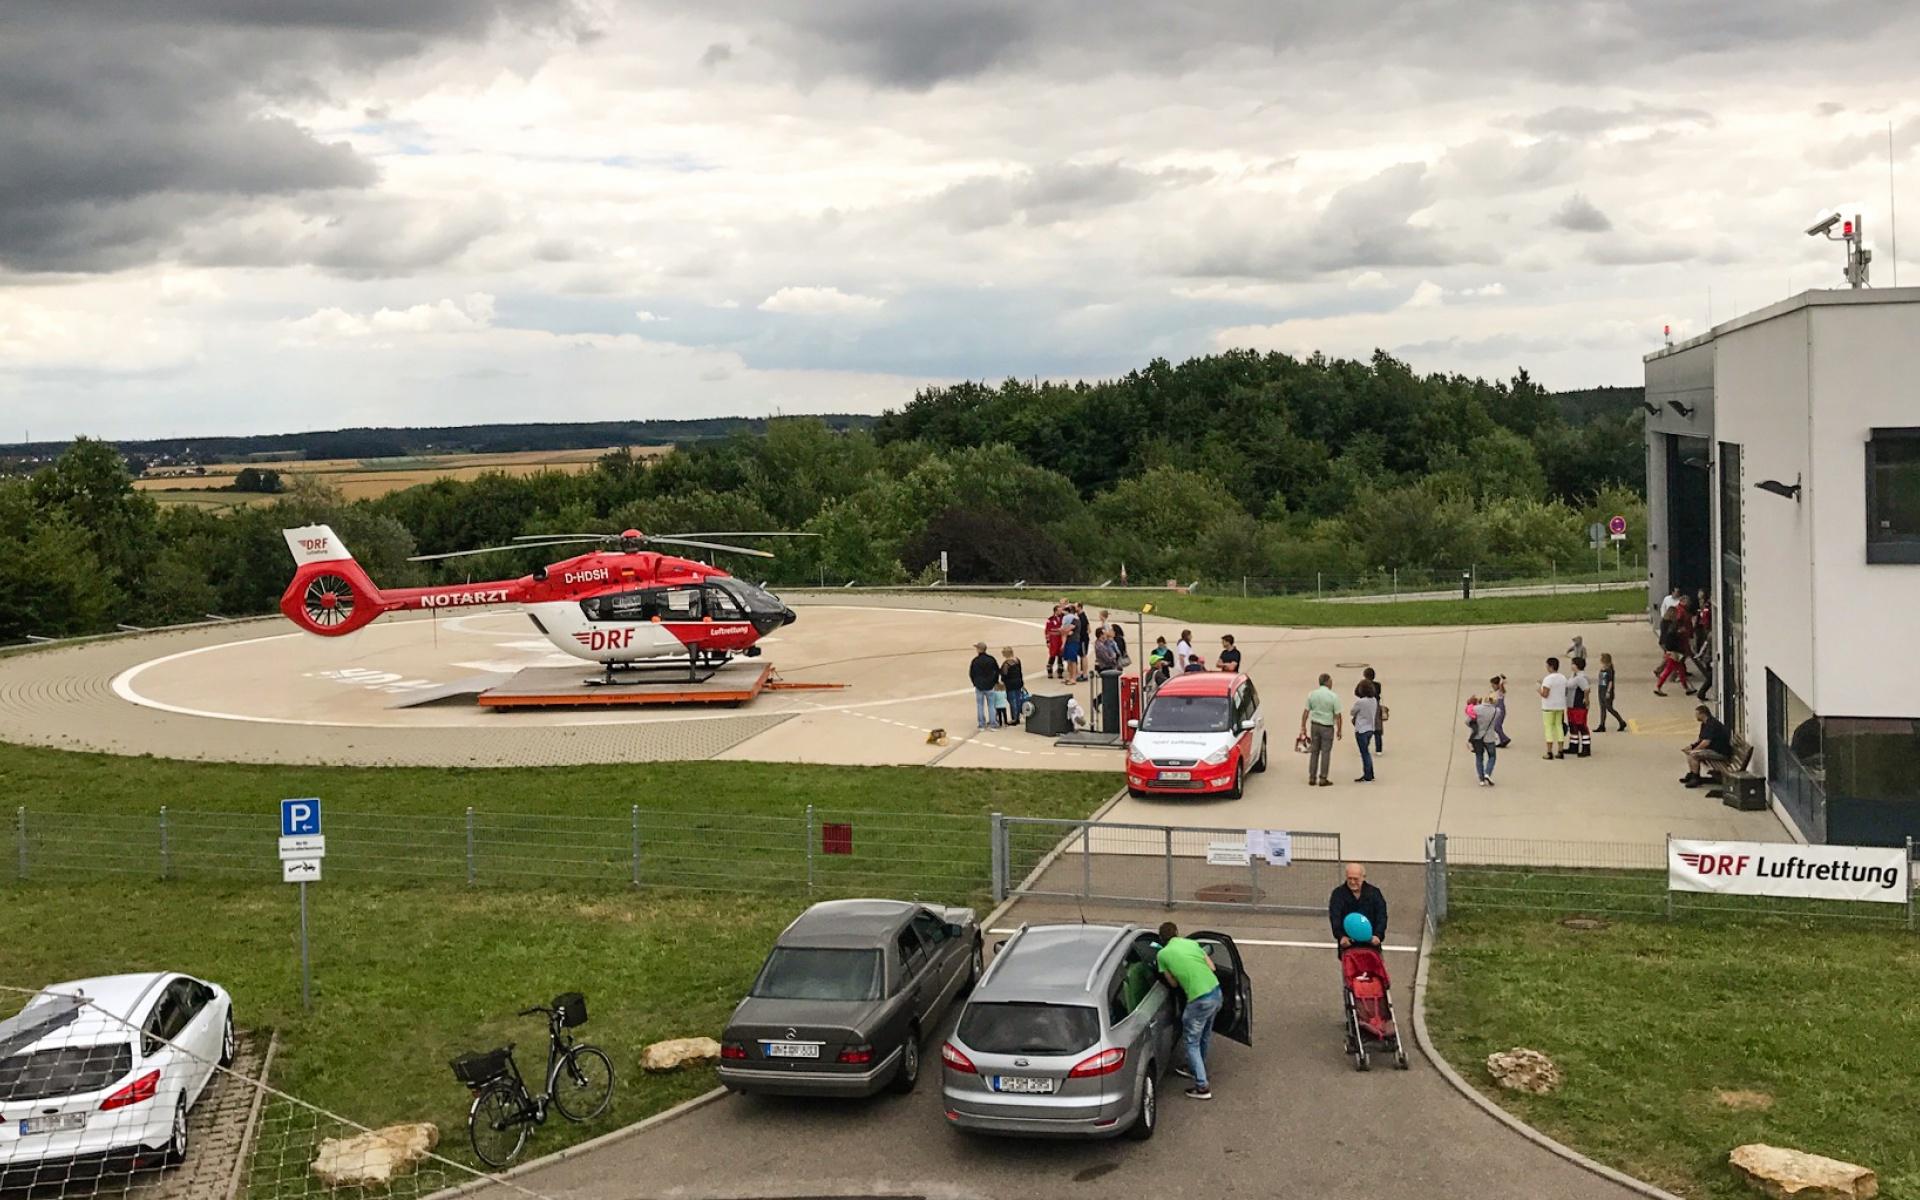 Zum Tag der offenen Tür der Universitätsklinik Regensburg öffnete auch die Regensburger Station der DRF Luftrettung ihre Tore.